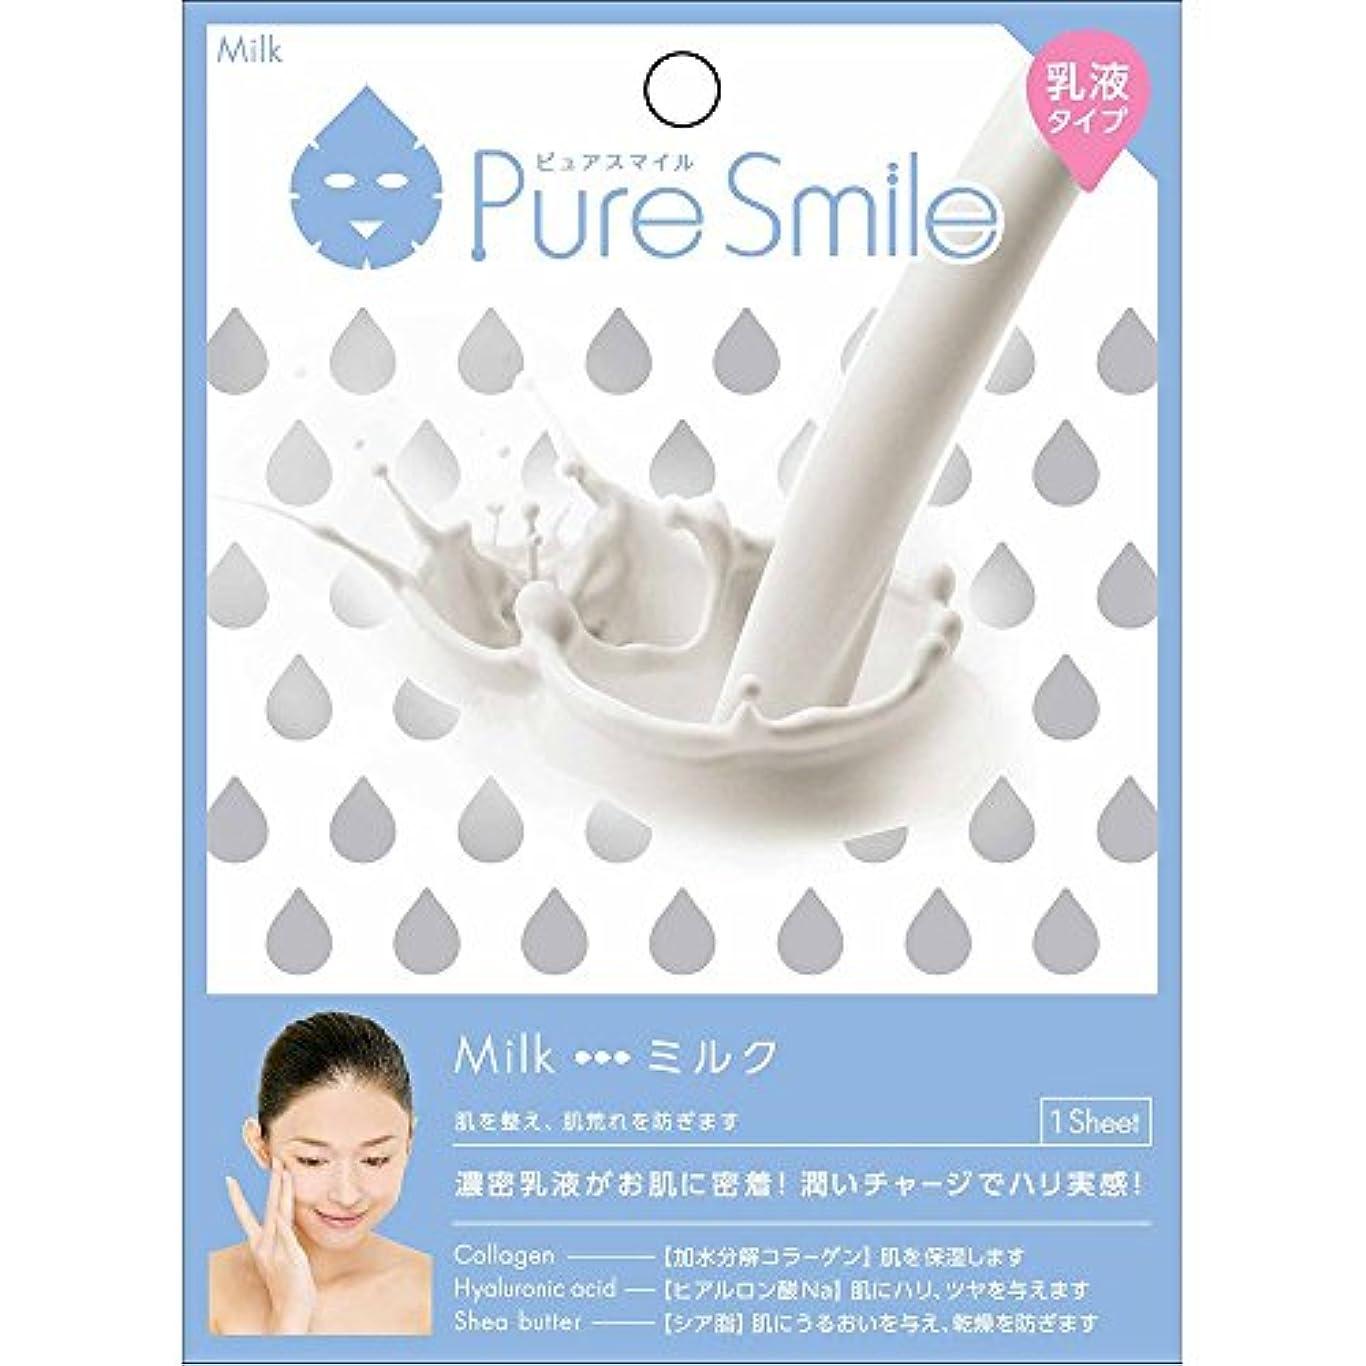 コード致命的閉じるPure Smile(ピュアスマイル) 乳液エッセンスマスク 1 枚 ミルク